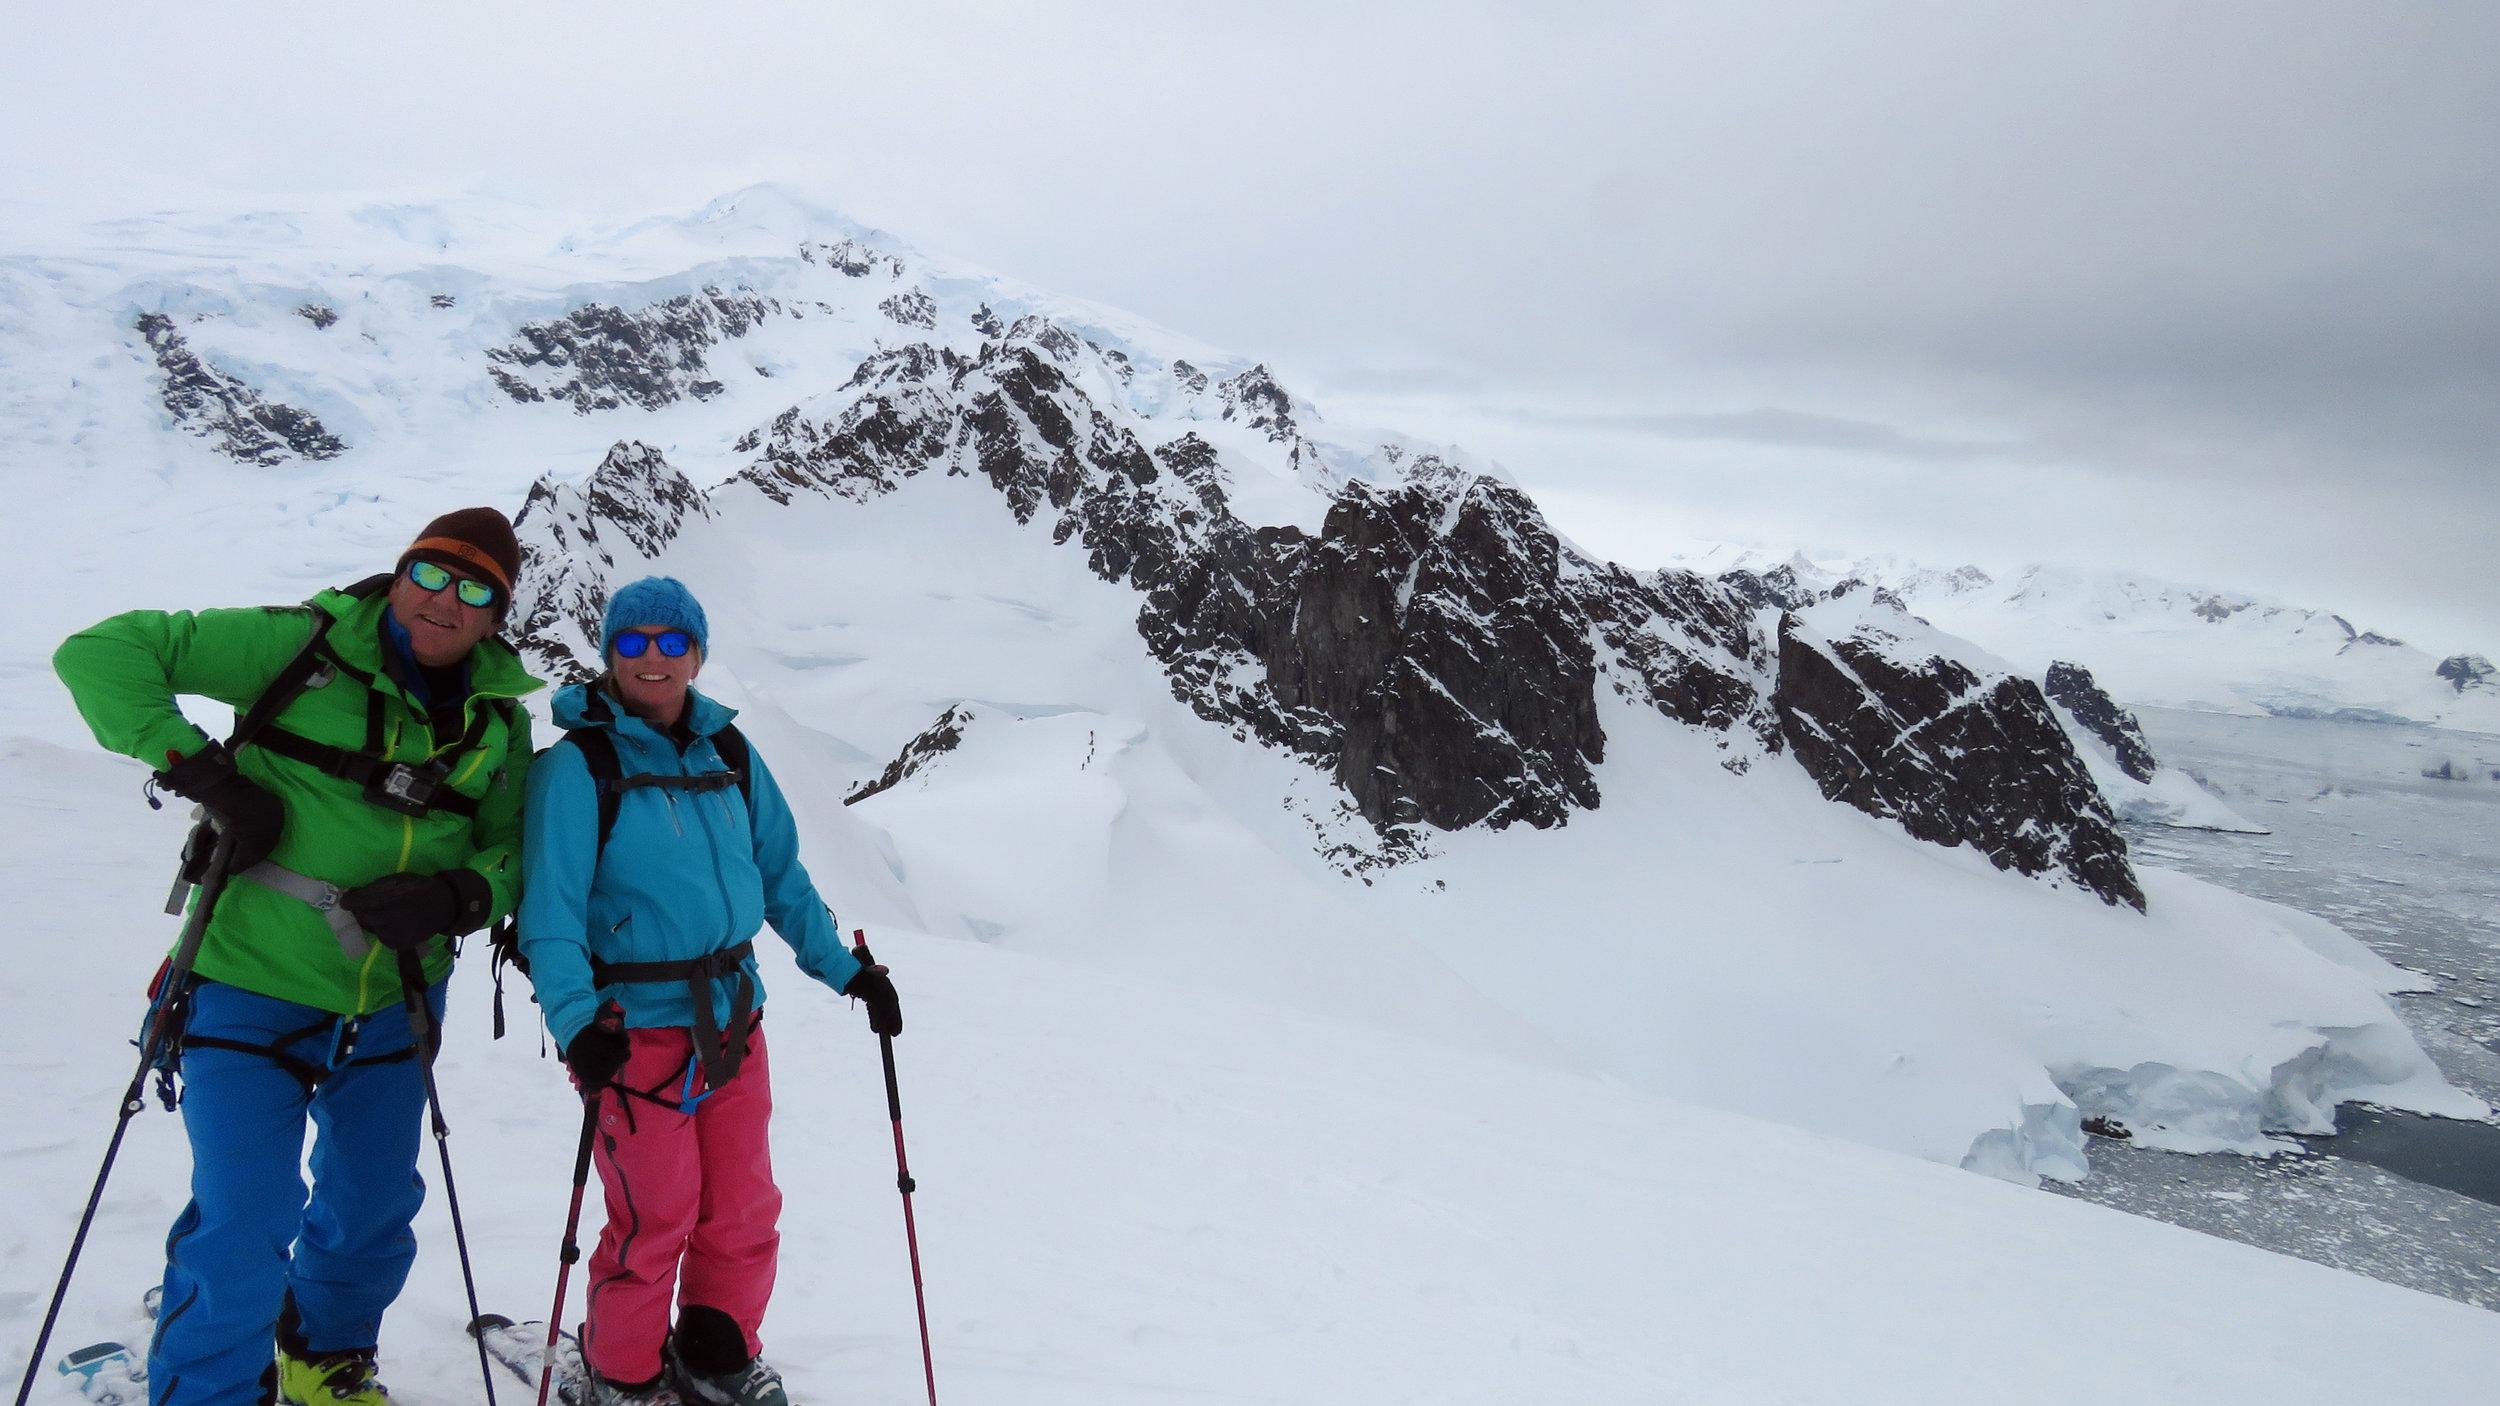 Skiing4.jpg